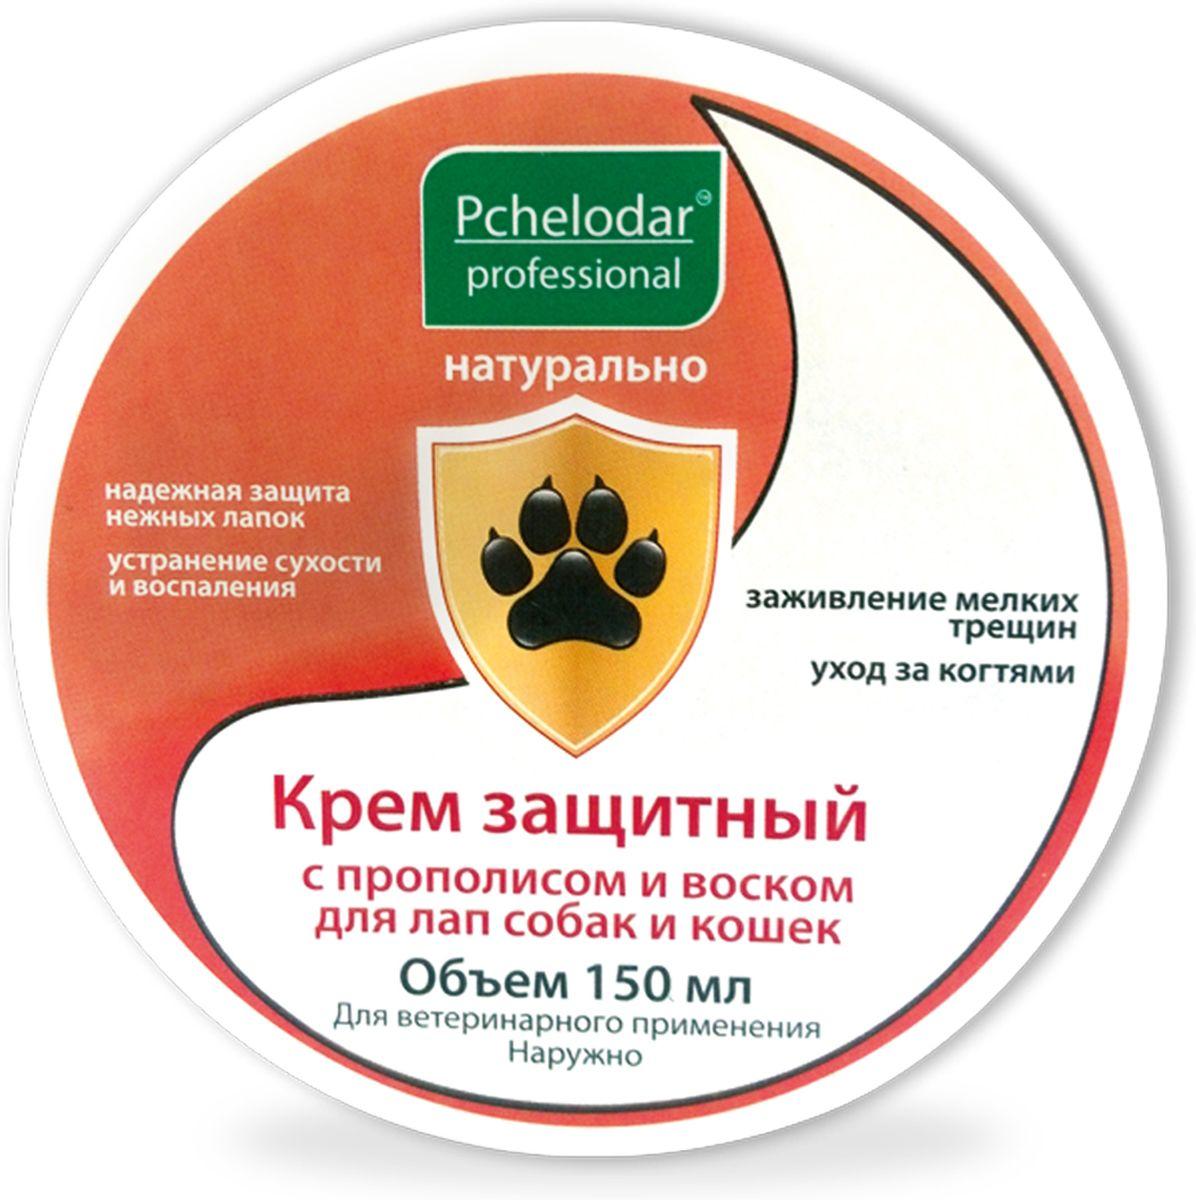 """Крем защитный """"Пчелодар"""", с прополисом и воском для лап собак и кошек, 150 г"""